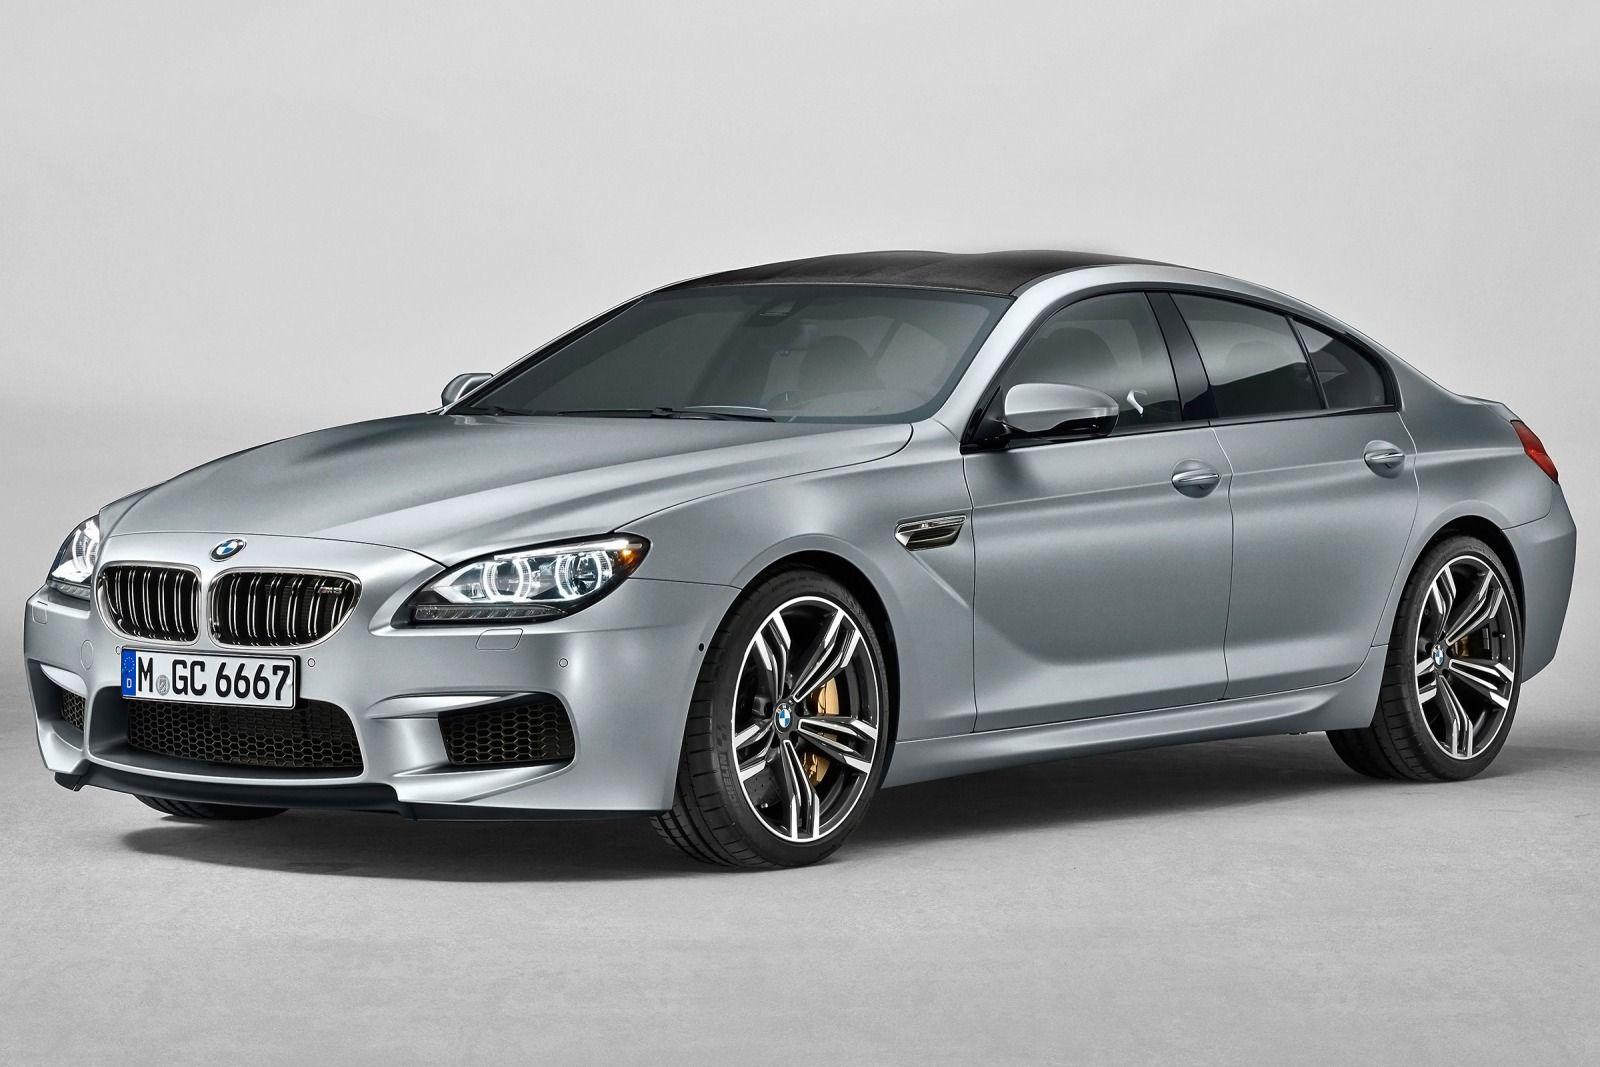 Temukan mobil bekas bmw dijual di indonesia. BMW M6 III (F06/F13/F12) 2012 - now Sedan :: OUTSTANDING CARS